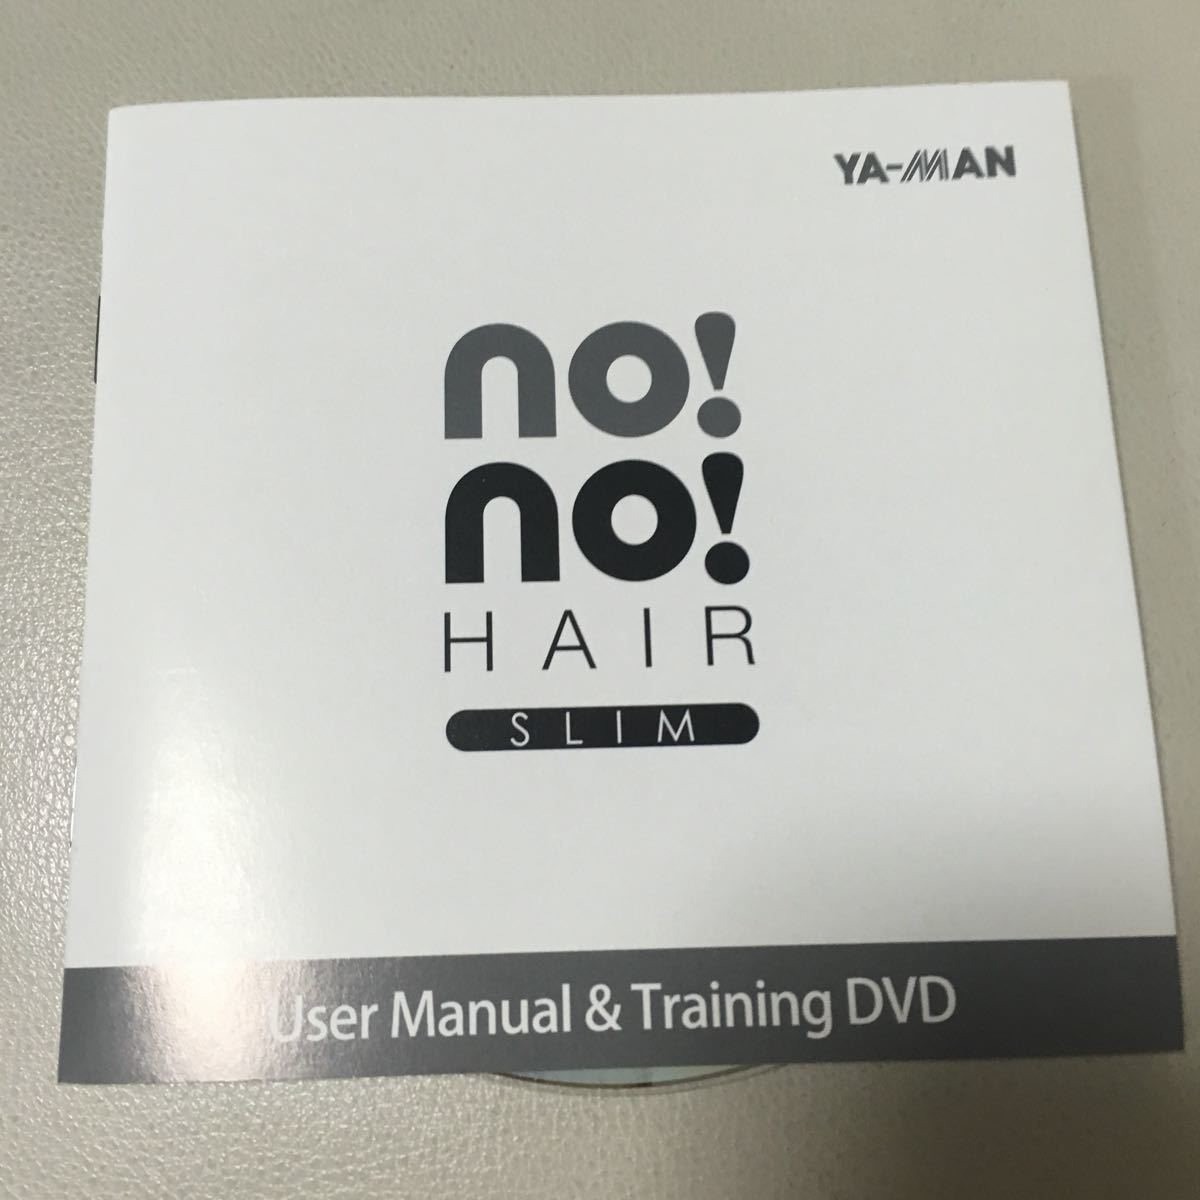 ヤーマン no!no!hair slim ピンク 中古